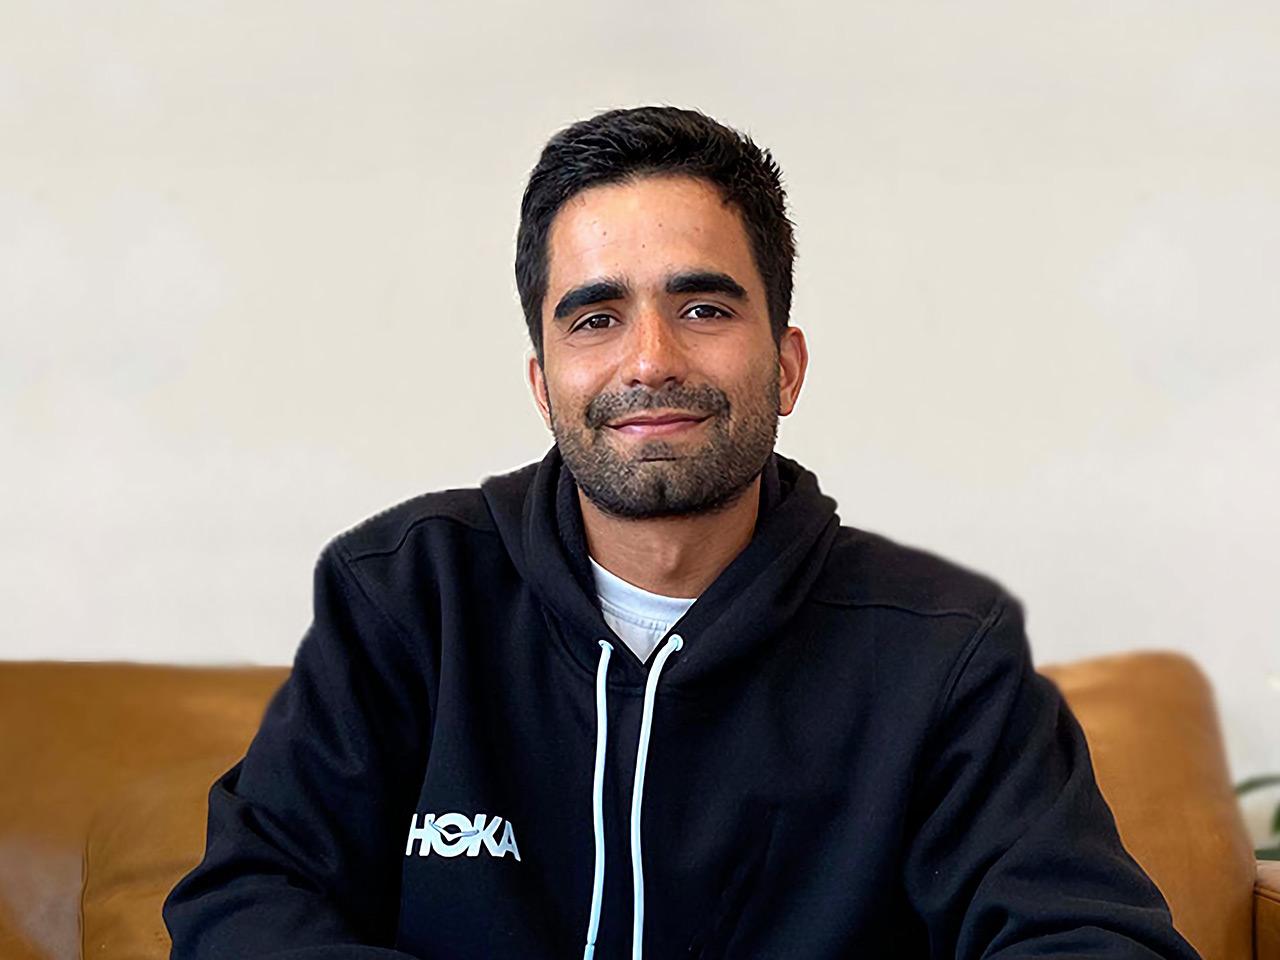 Gabe Nicasio smiling wearing HOKA